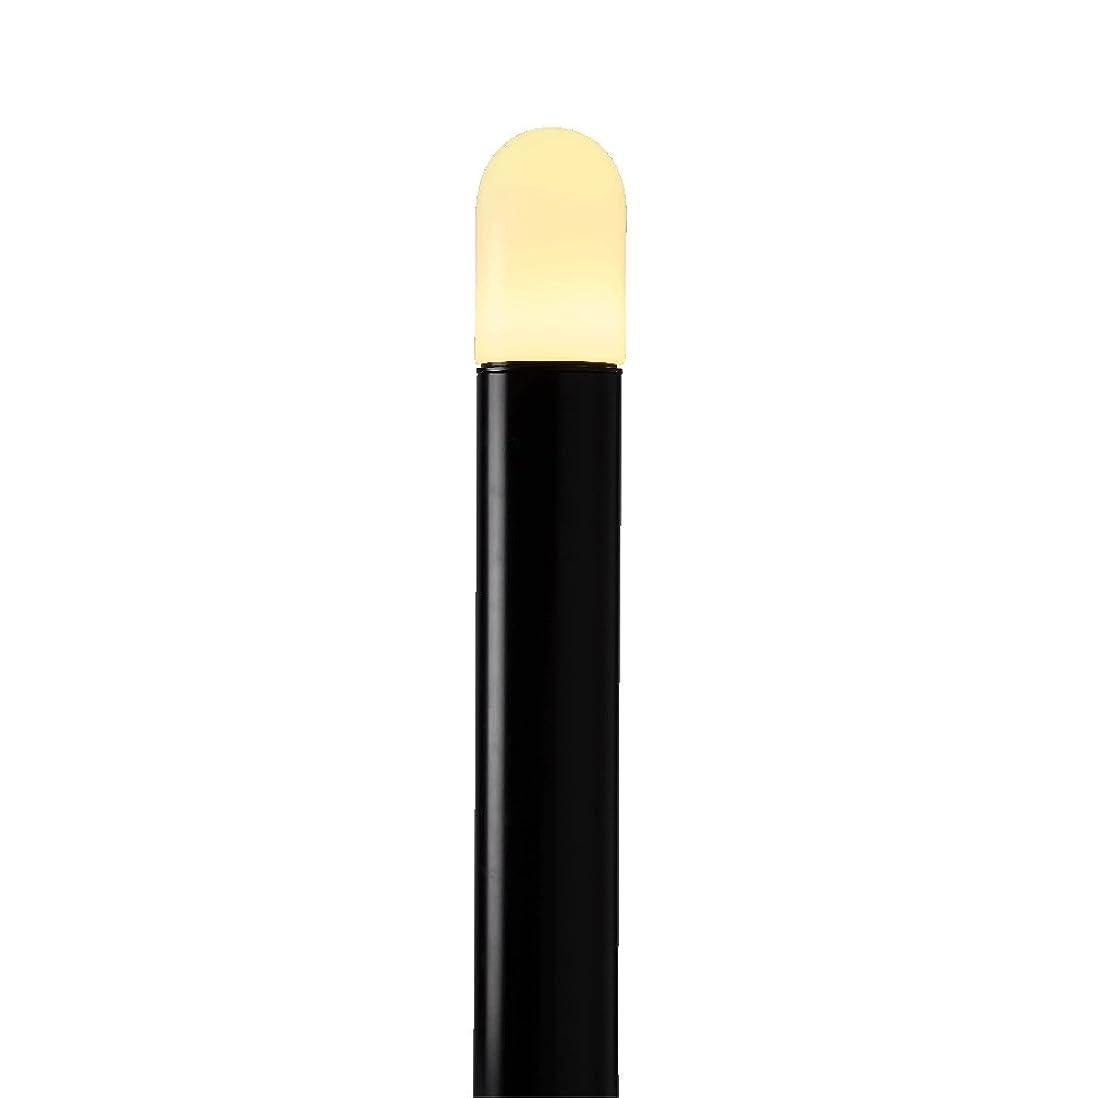 池時刻表提出するNEC LEDガーデンライト 電球色 XG-LE26101L